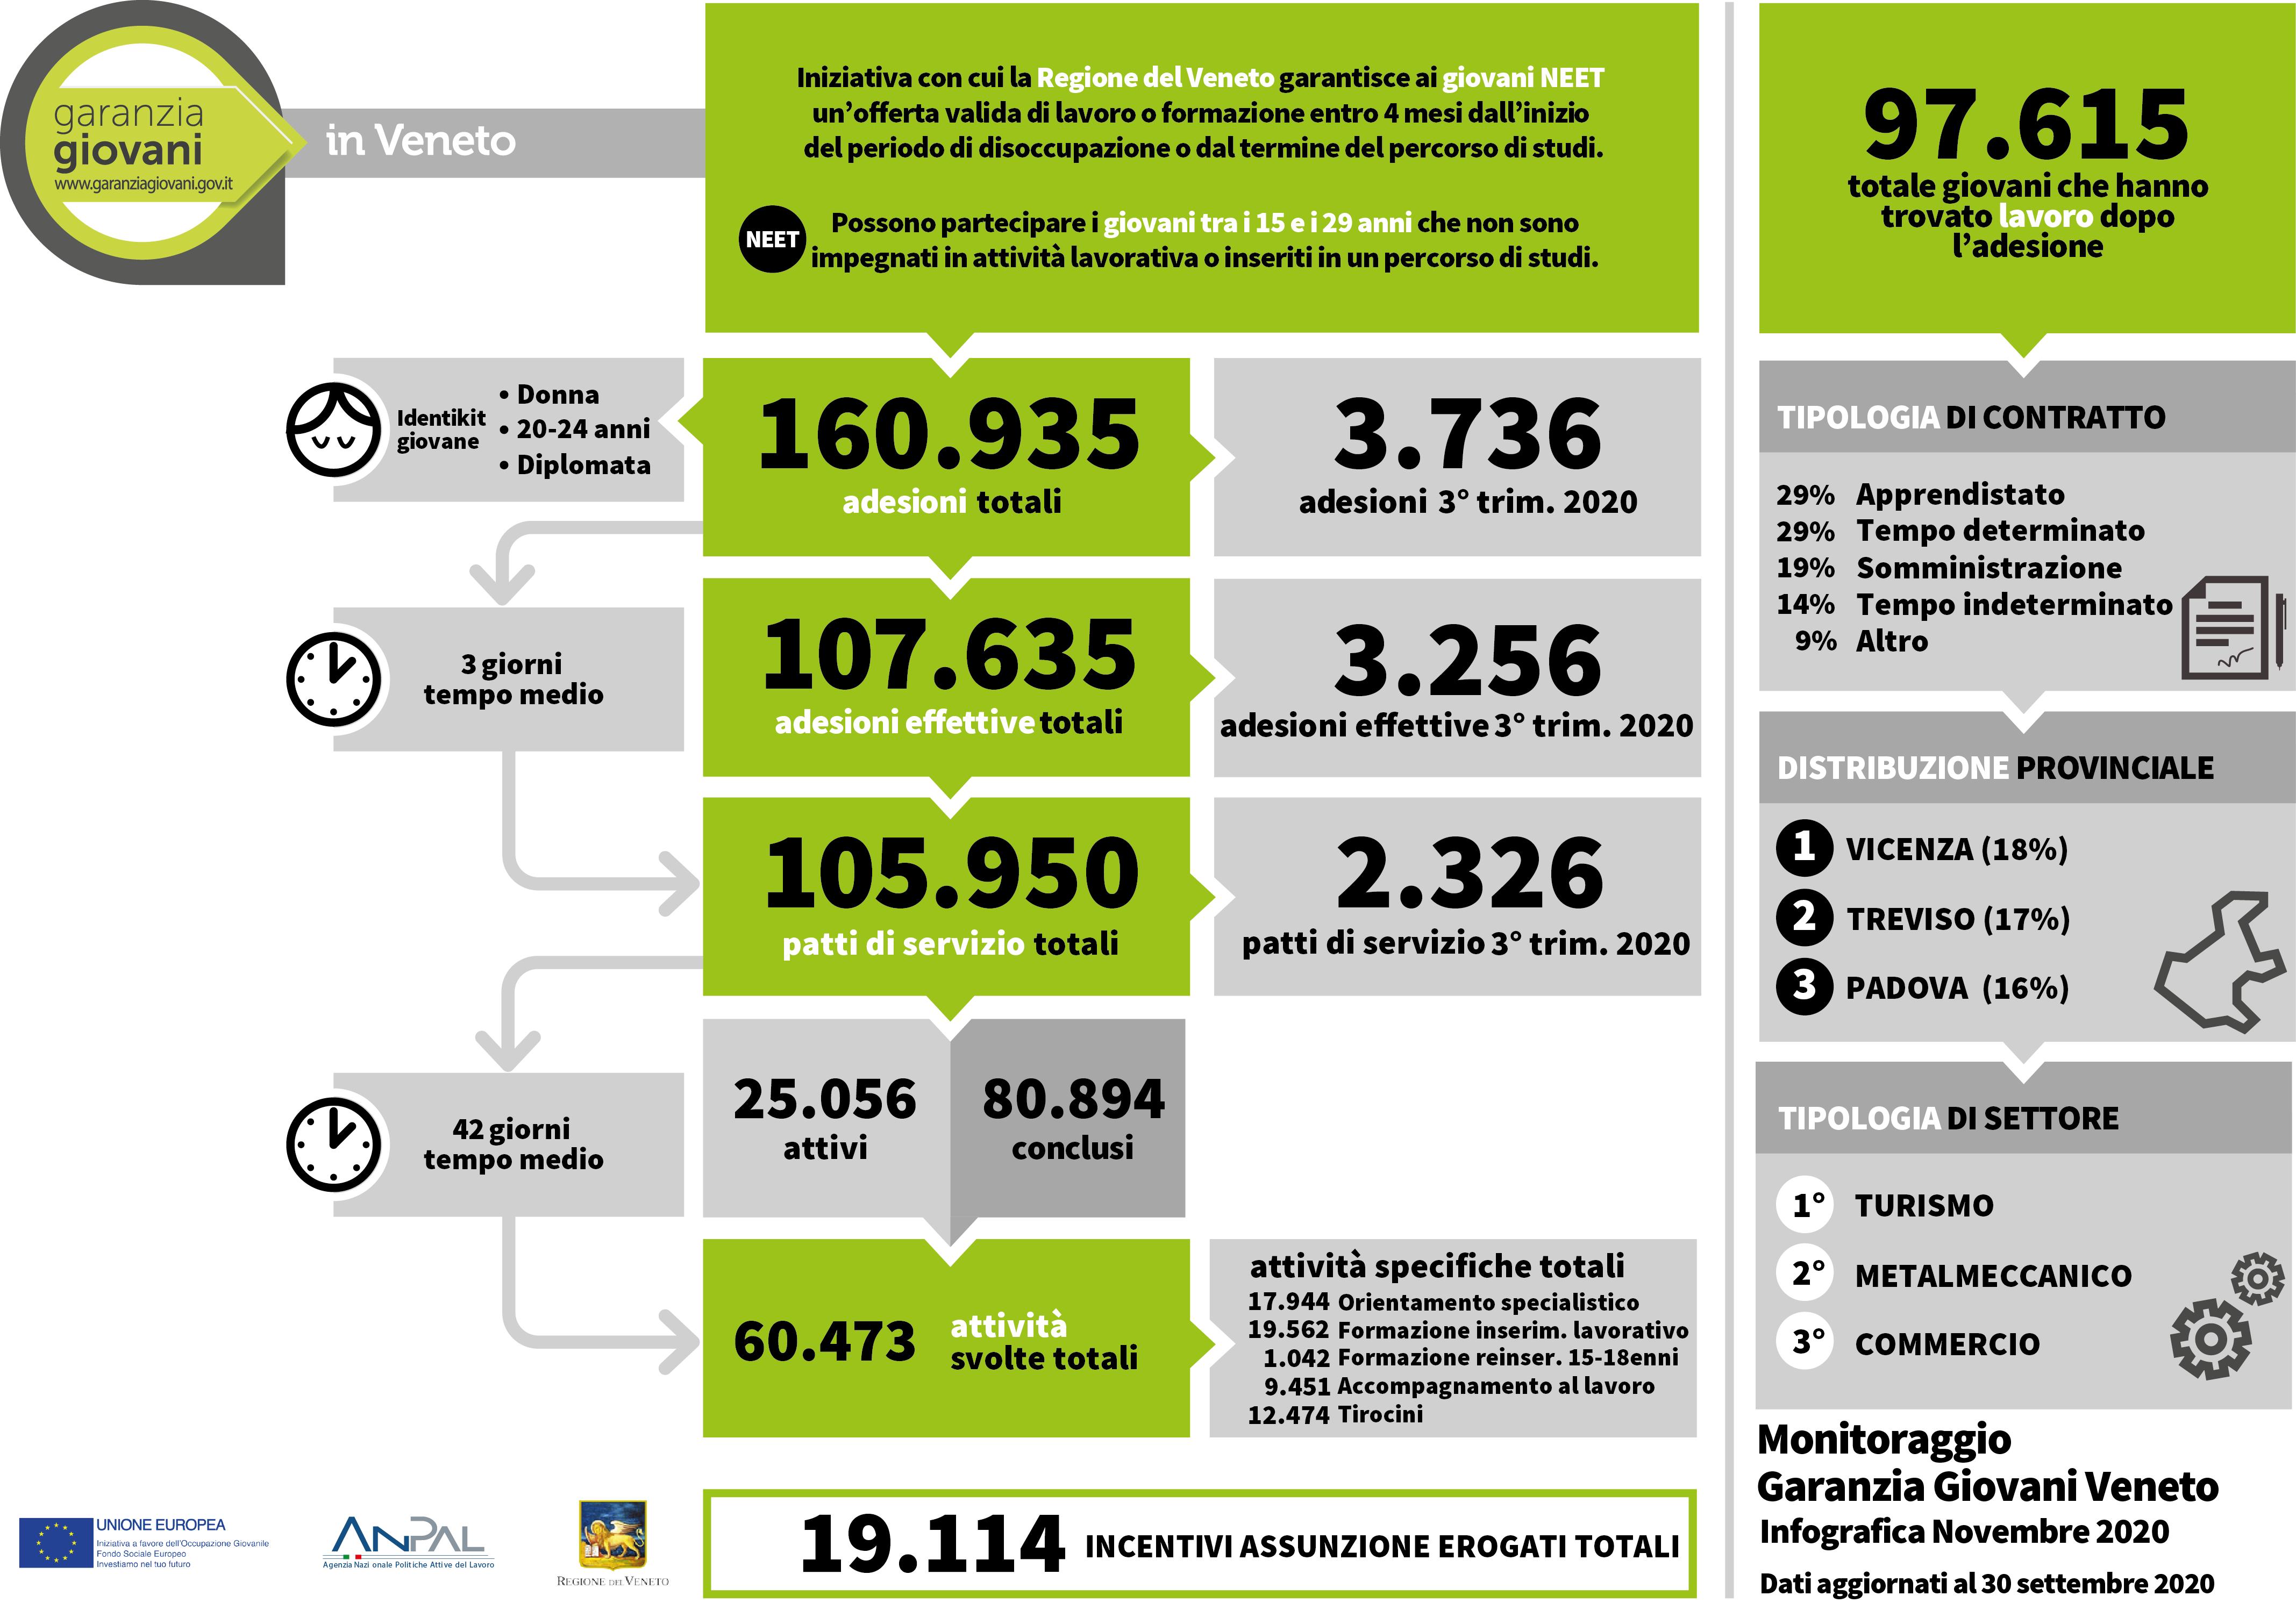 Infografica Garanzia Giovani Veneto novembre 2020